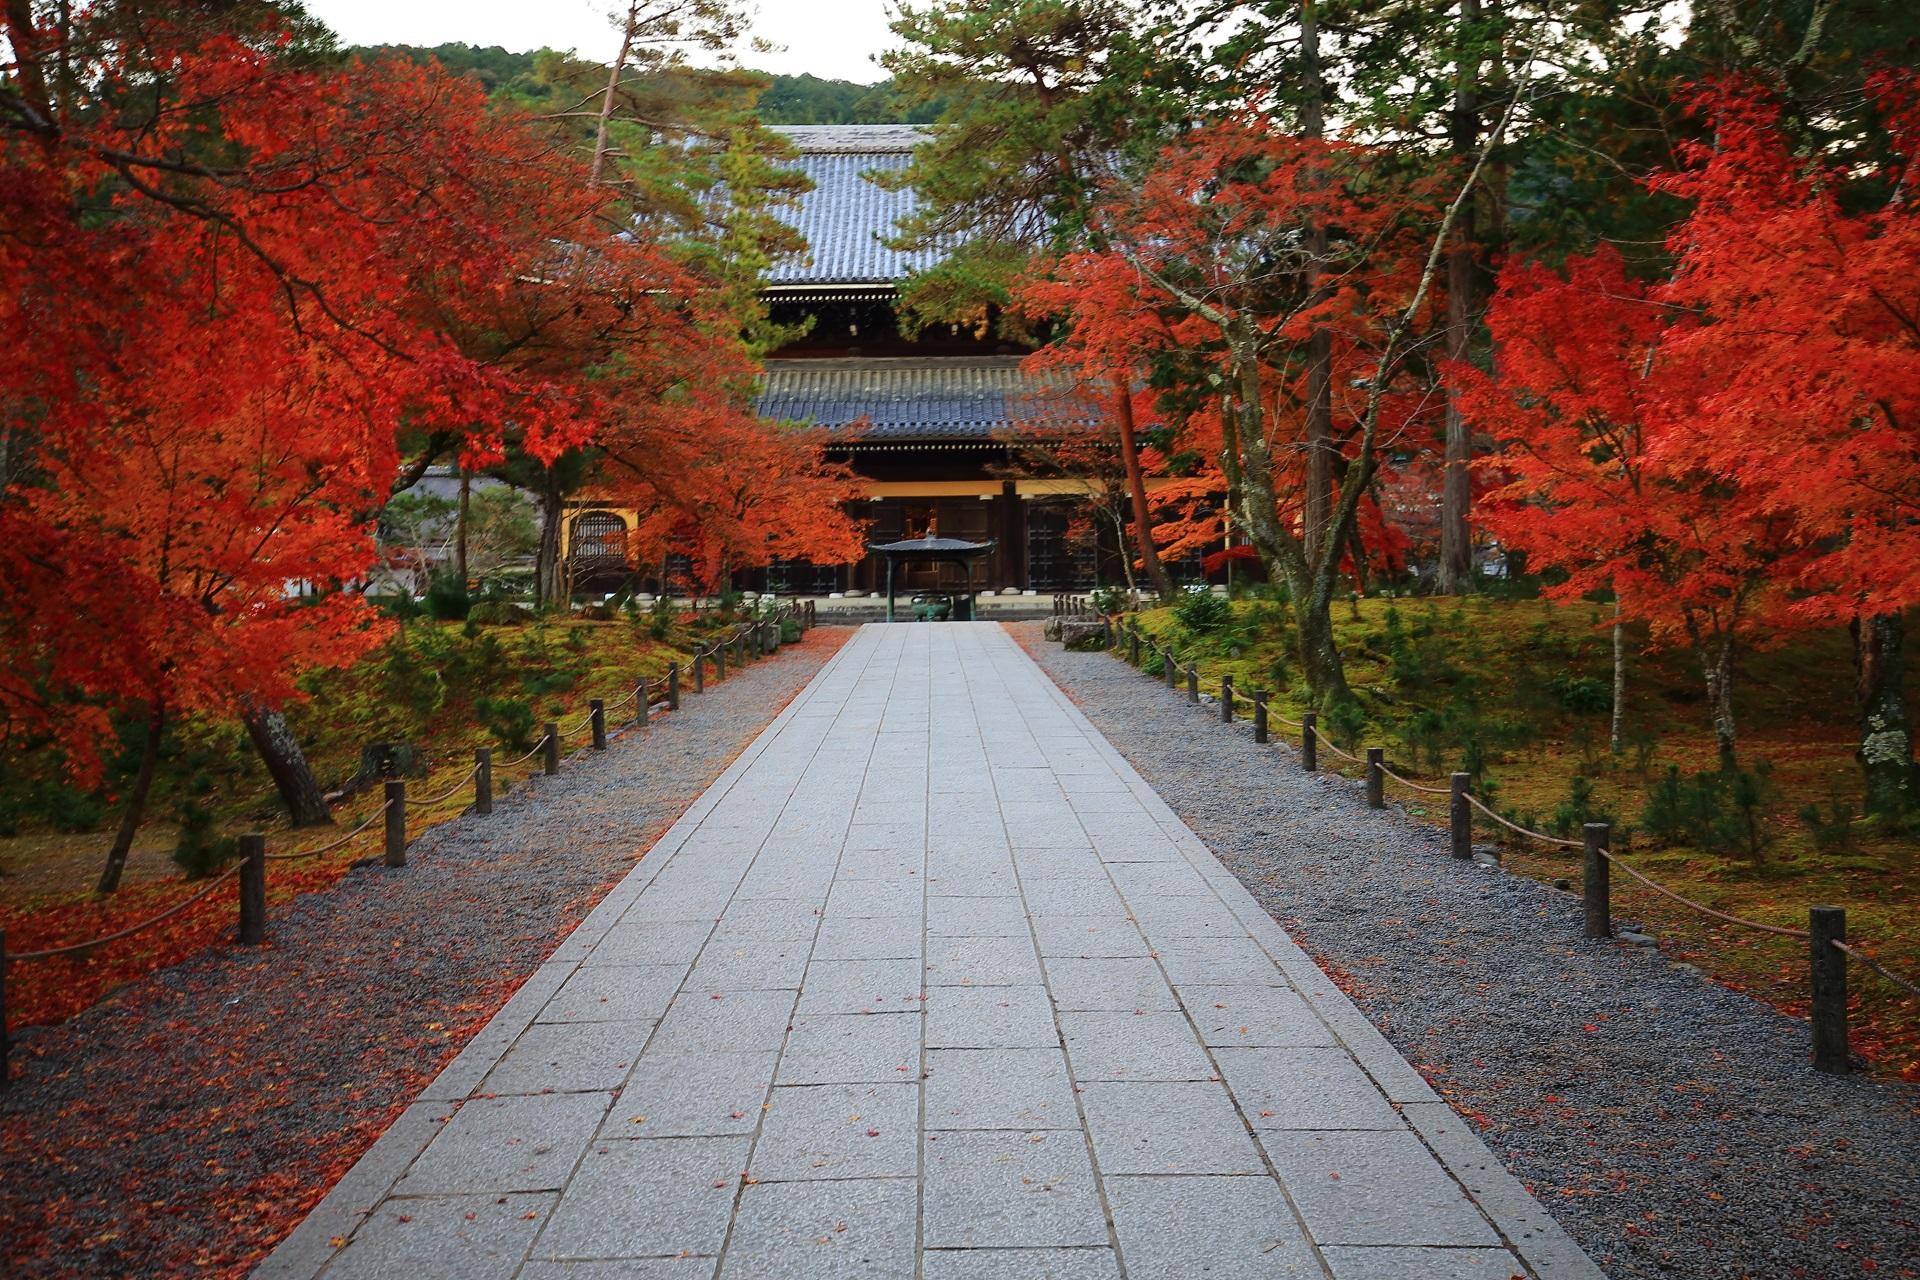 独特の色合いをした法堂へと続く紅葉にそまる石畳の参道